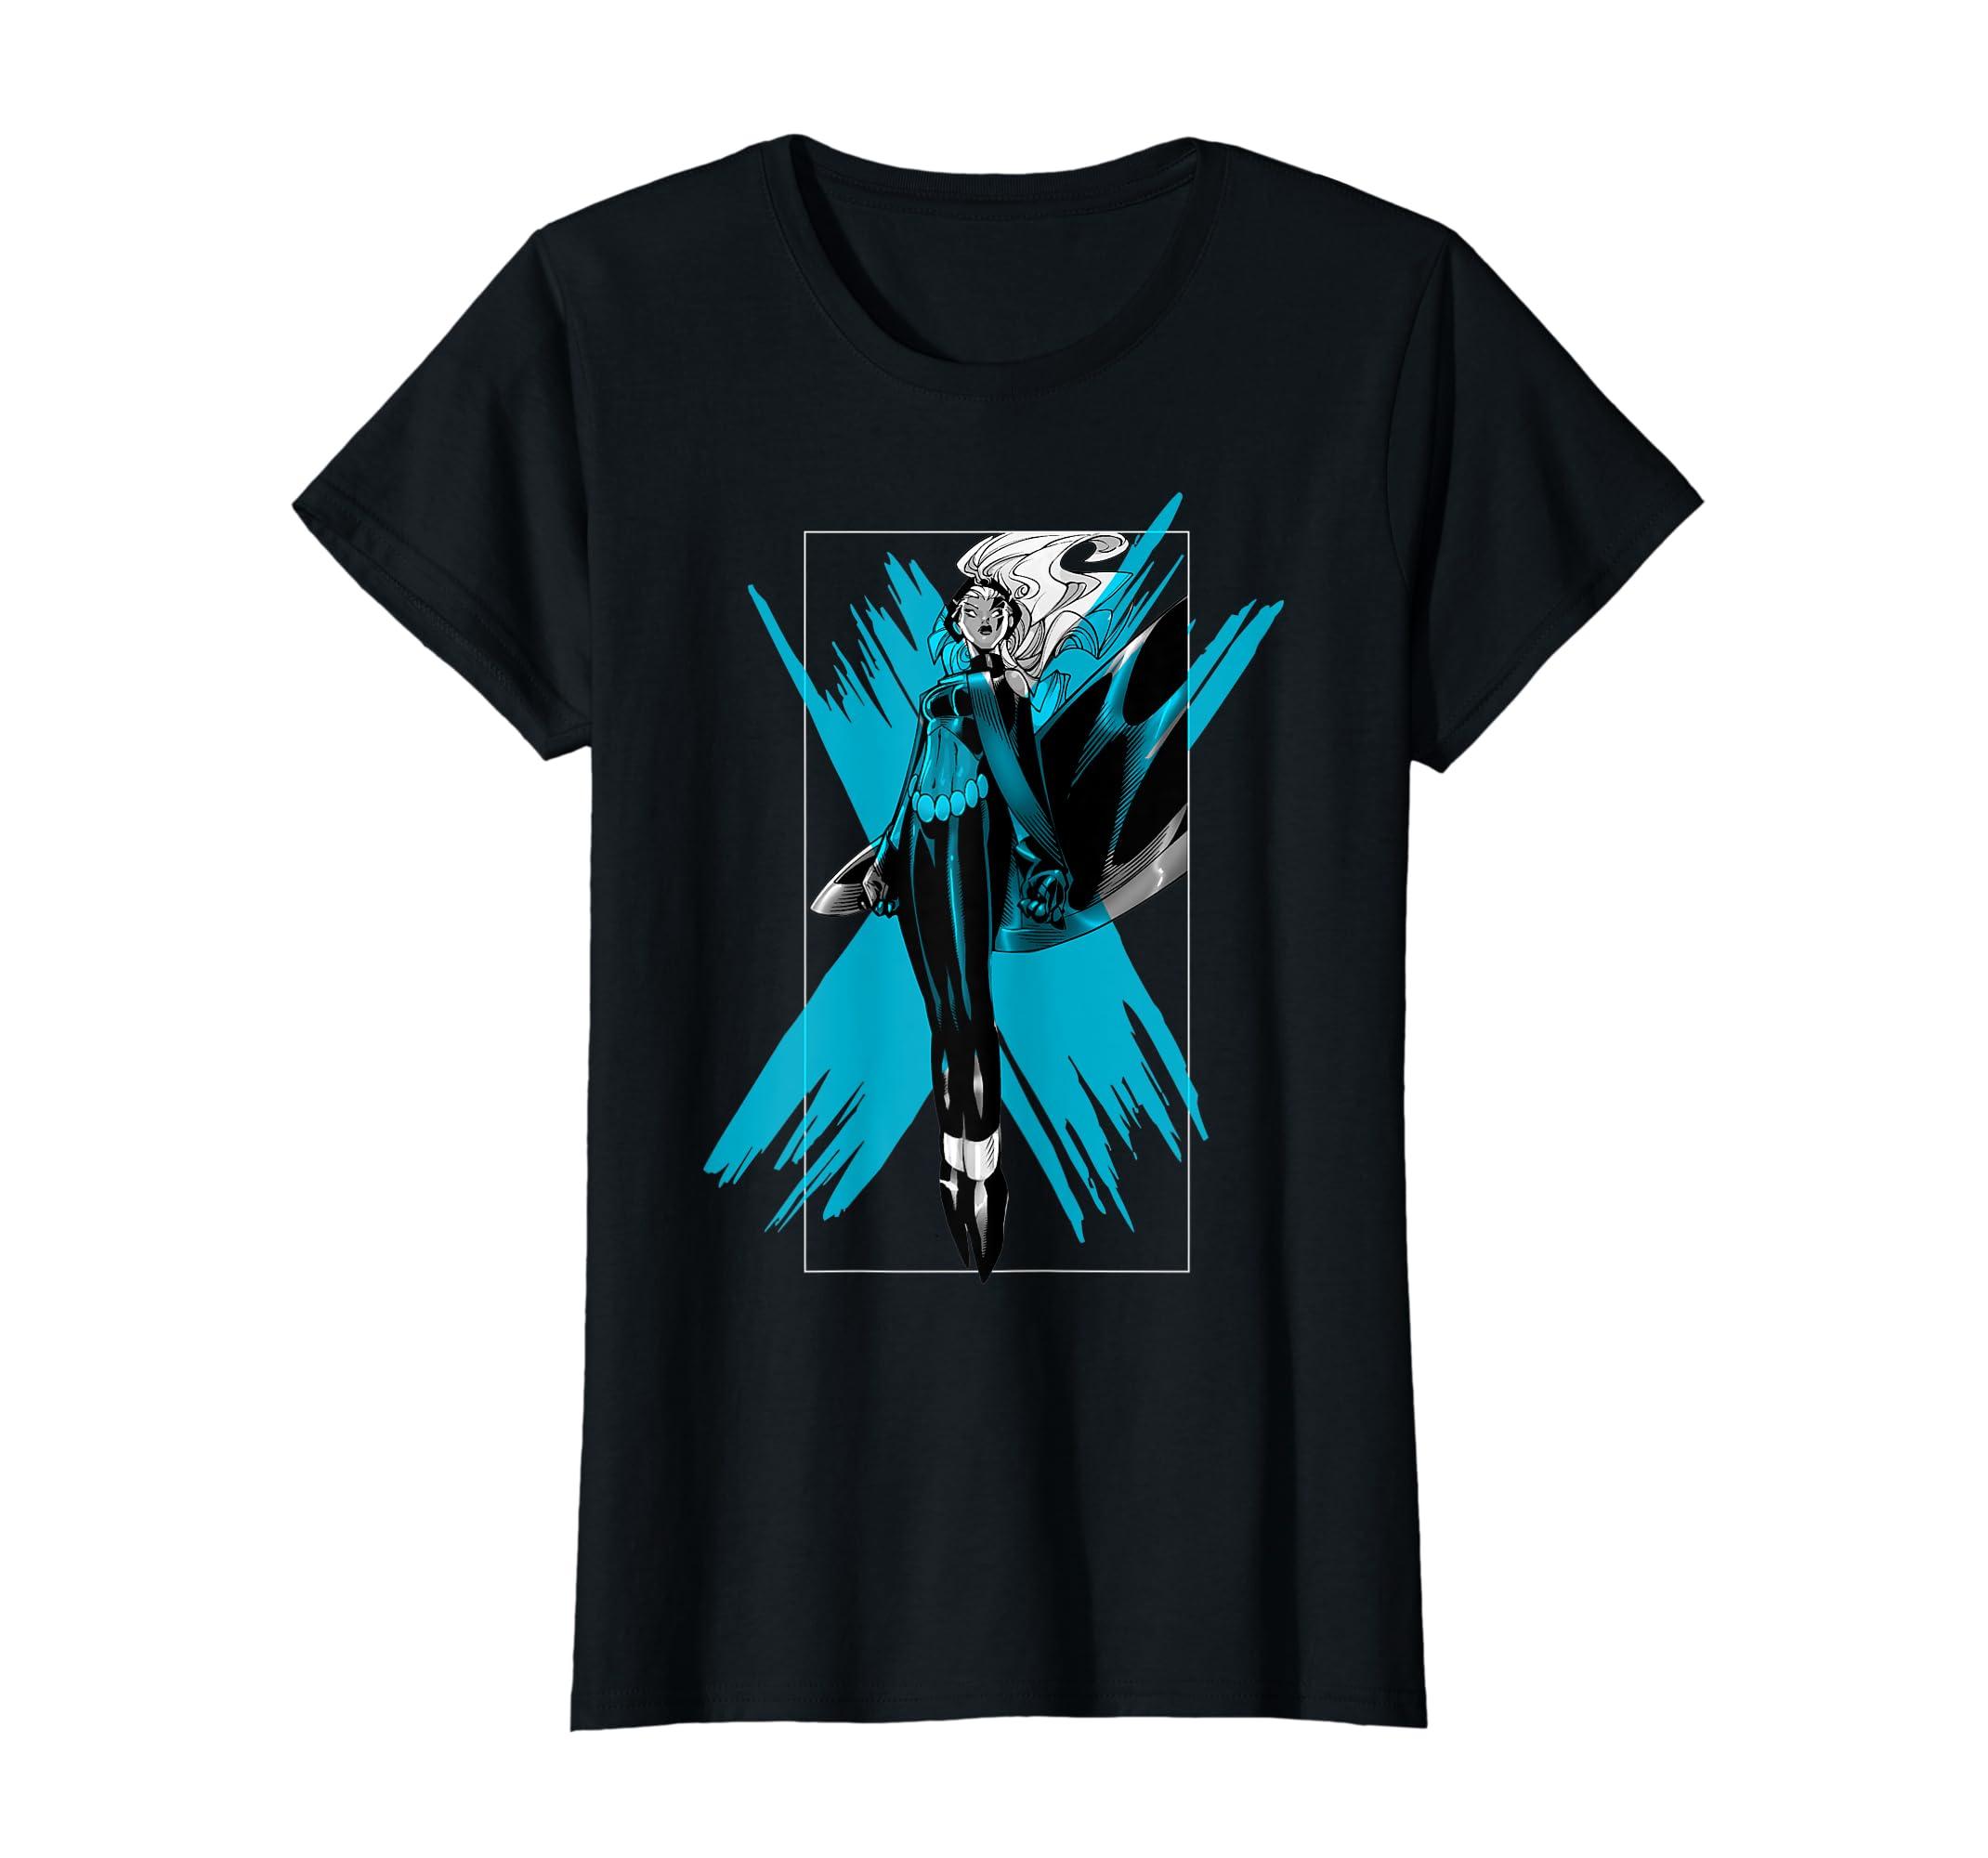 c61dff57c Amazon.com: Marvel X-Men Storm Color Pop Box Graphic T-Shirt: Clothing